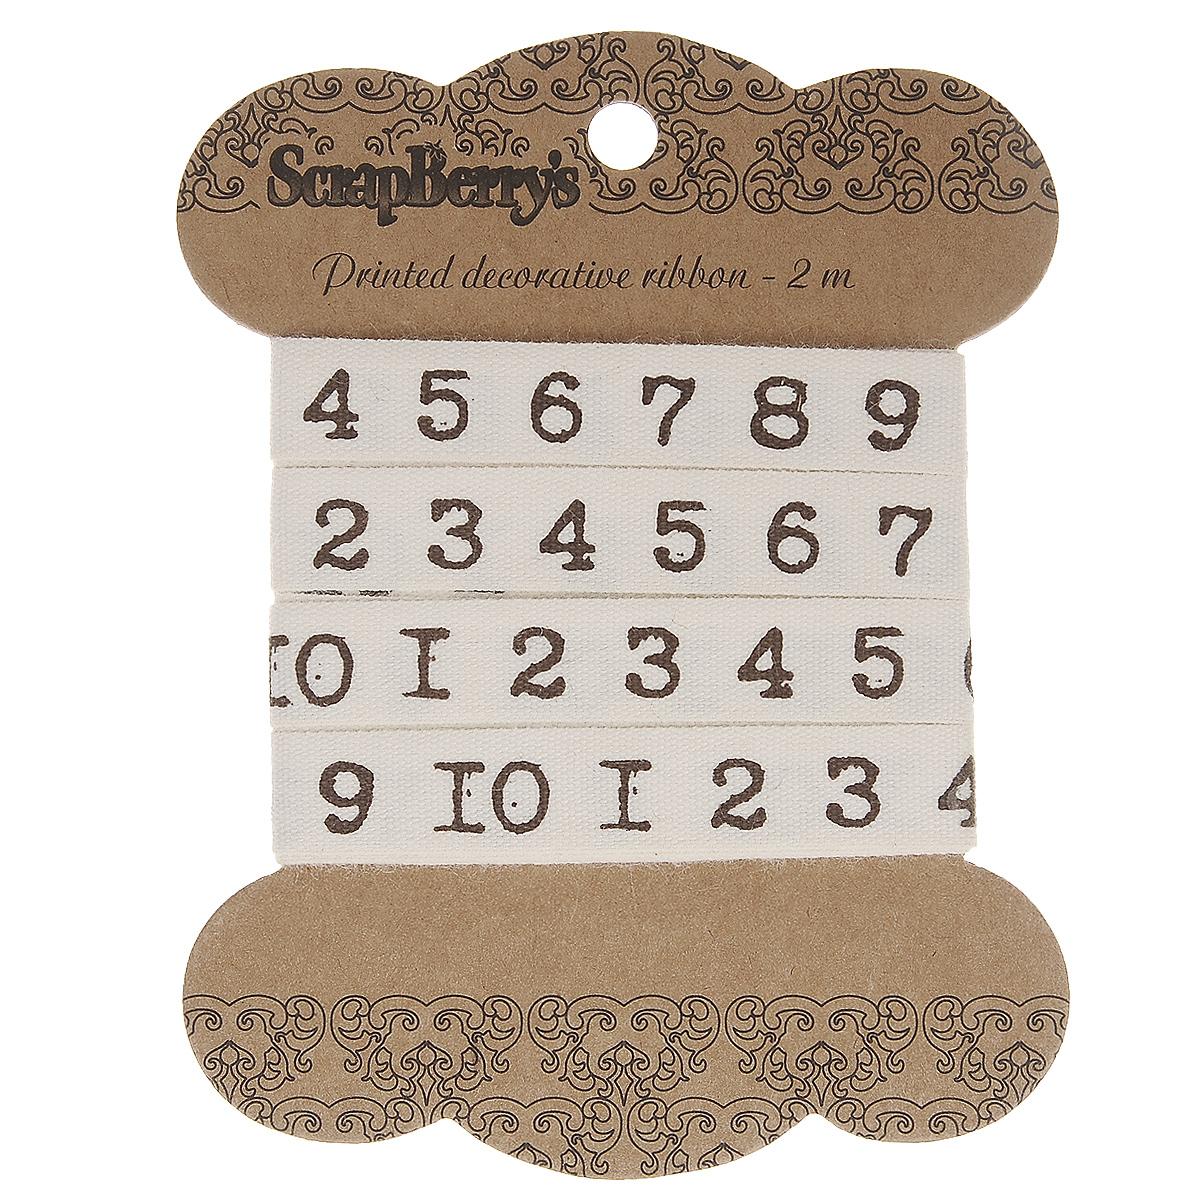 Лента декоративная ScrapBerrys Цифры печатная машинка, 1 х 200 смC0038550Декоративная лента ScrapBerrys Цифры печатная машинка изготовлена из хлопка и оформлена изображением цифр. Такая лента идеально подойдет для оформления различных творческих работ таких, как скрапбукинг, аппликация, декор коробок и открыток и многое другое. Лента наивысшего качества практична в использовании. Она станет незаменимым элементом в создании рукотворного шедевра. Ширина: 1 см.Длина: 2 м.